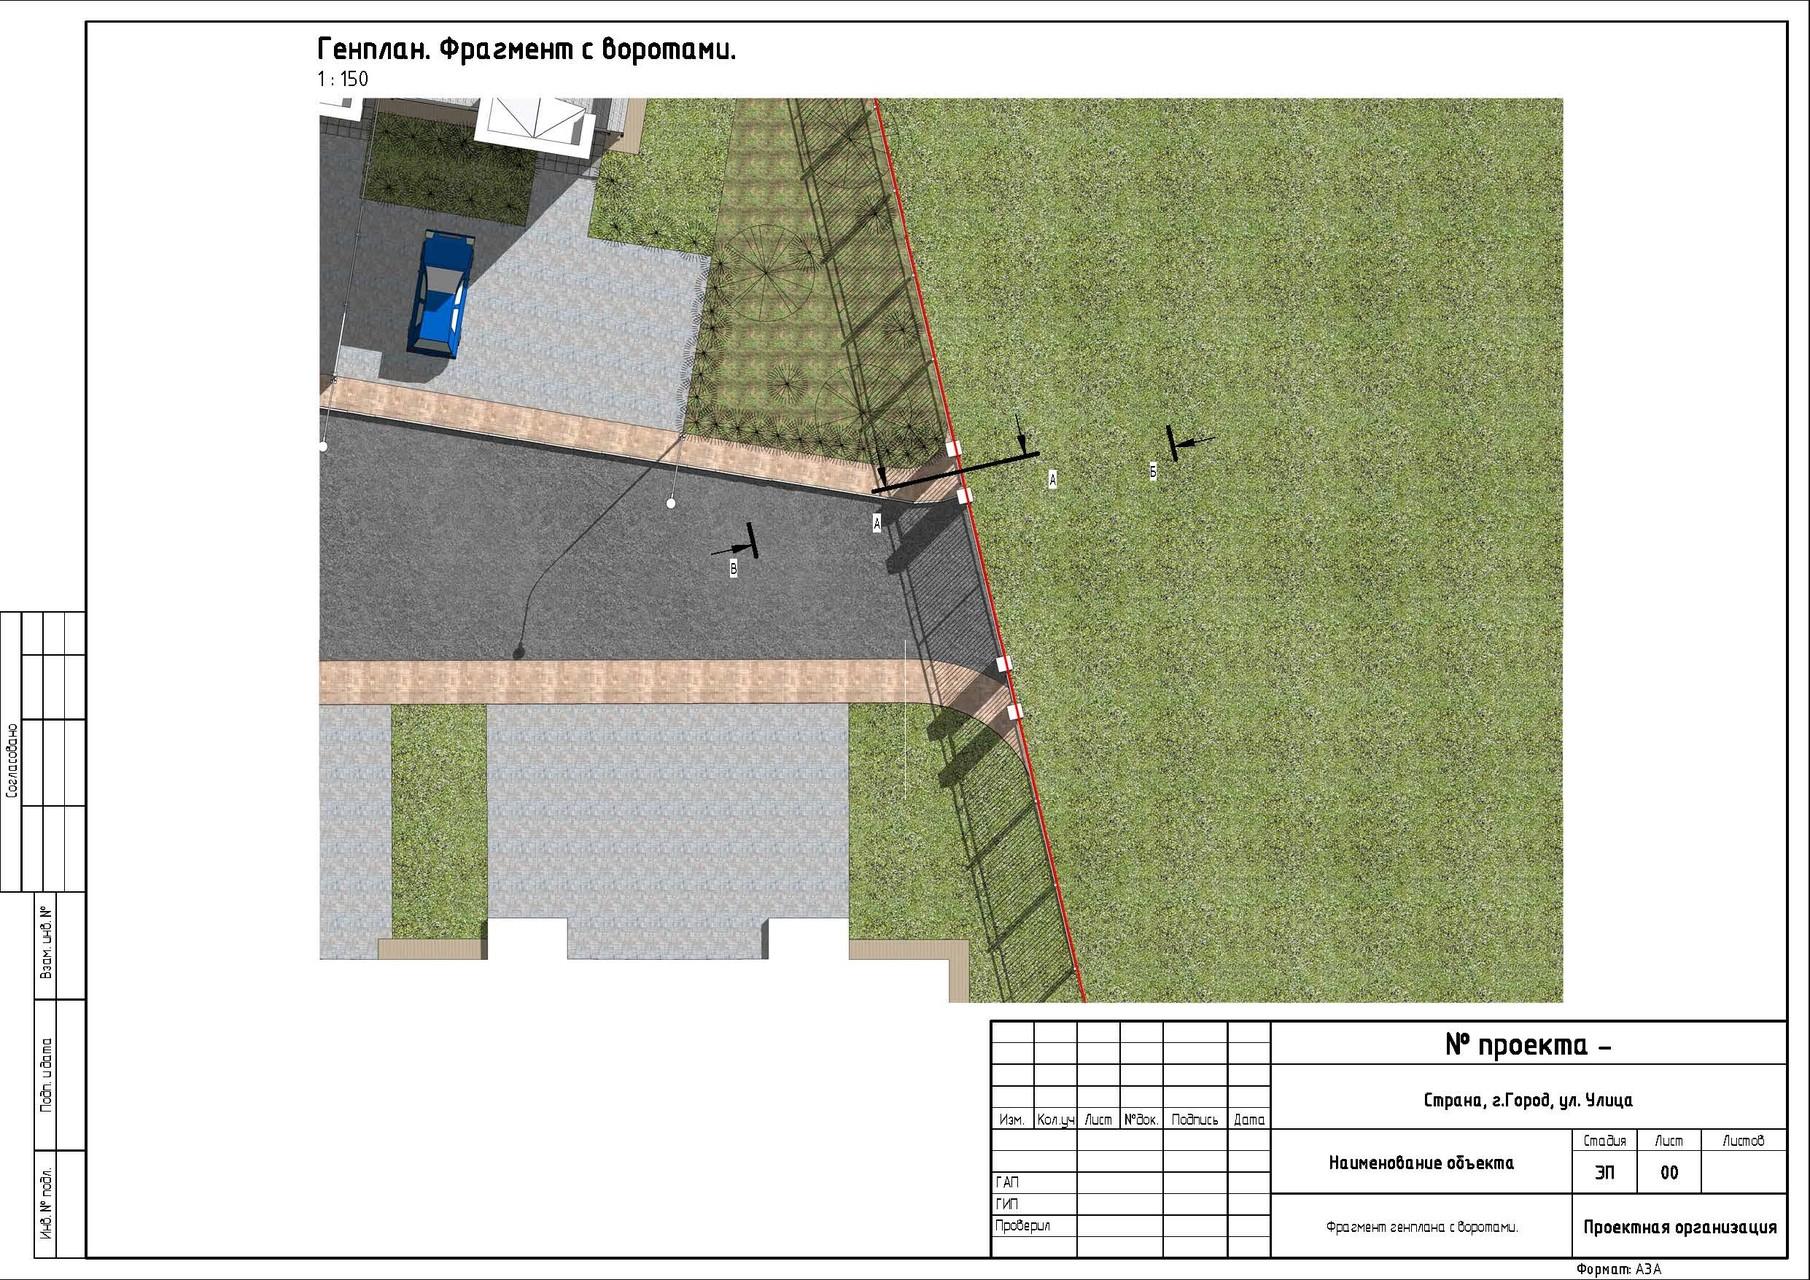 Дизайн ограждения поселка таунхаусов